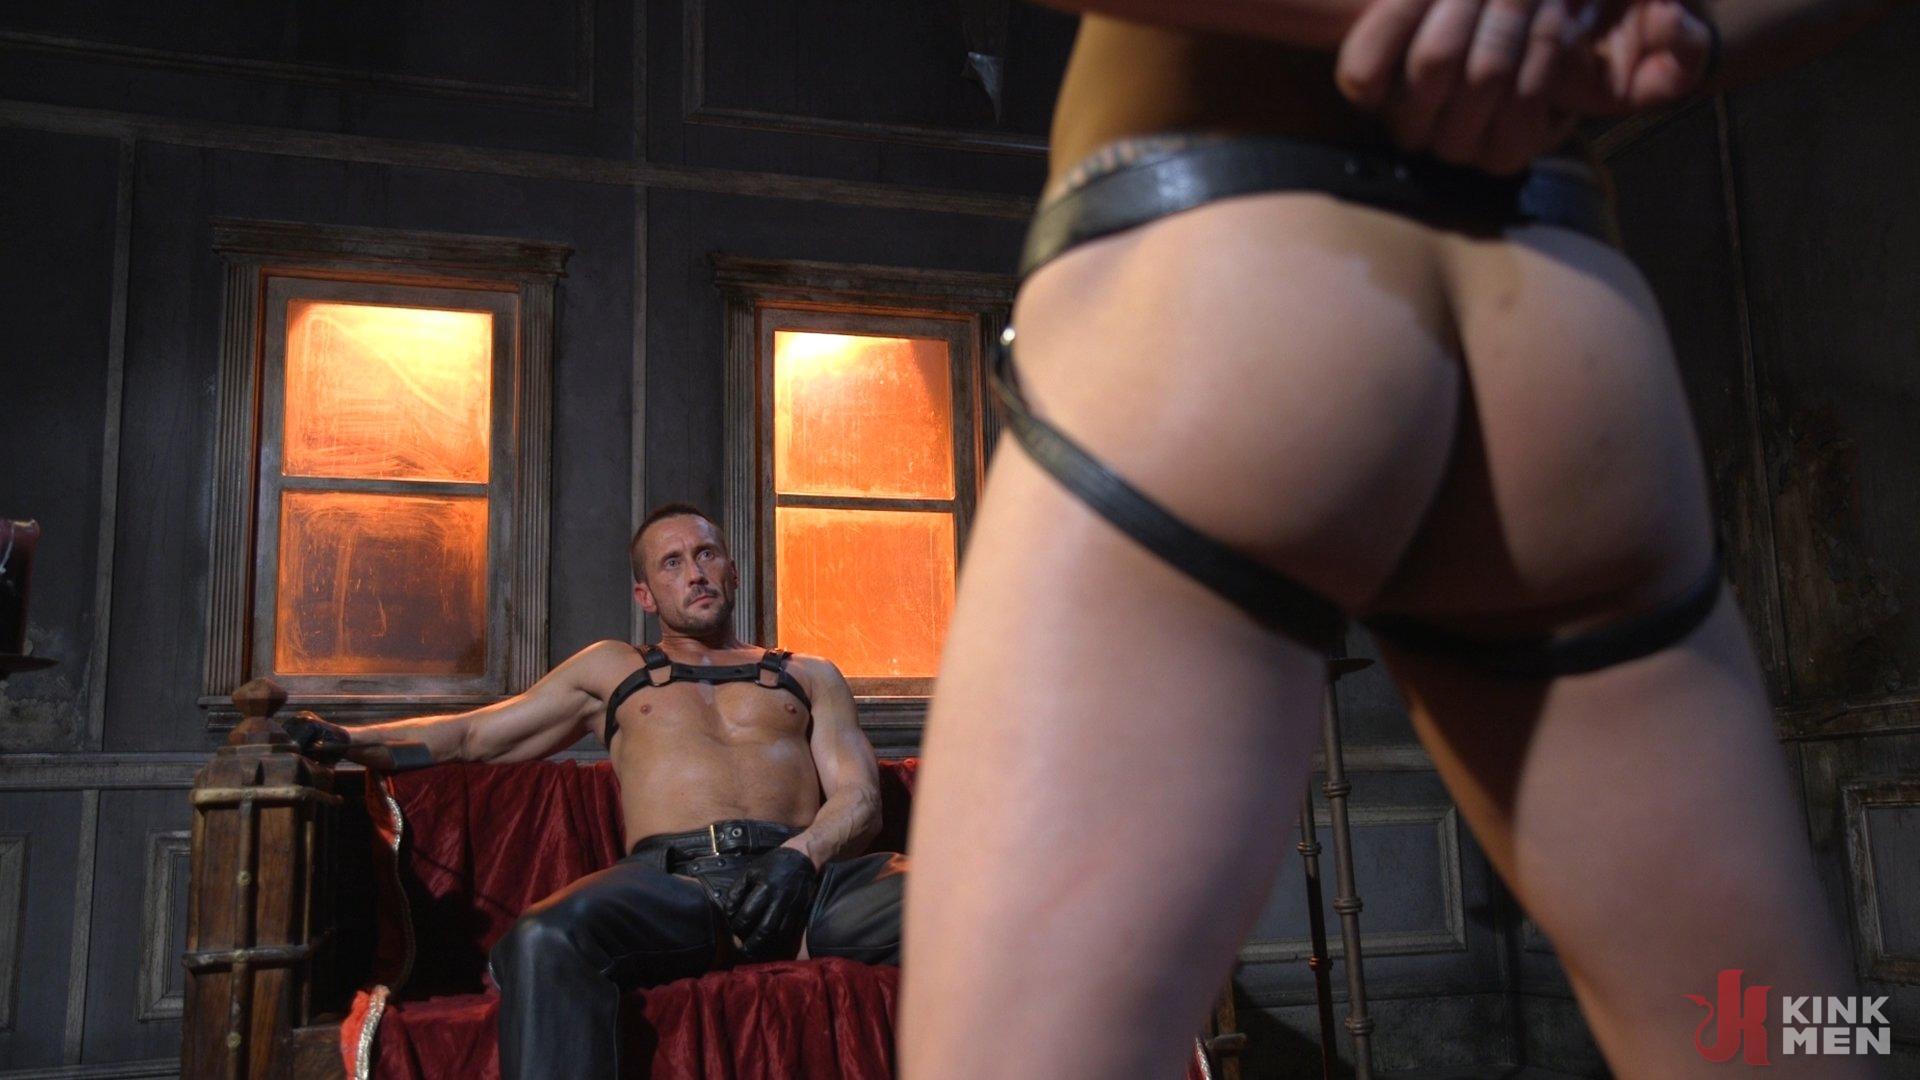 Myles Landon punisce Chance Summerlin con enormi, Grosso Calibro (Kink)